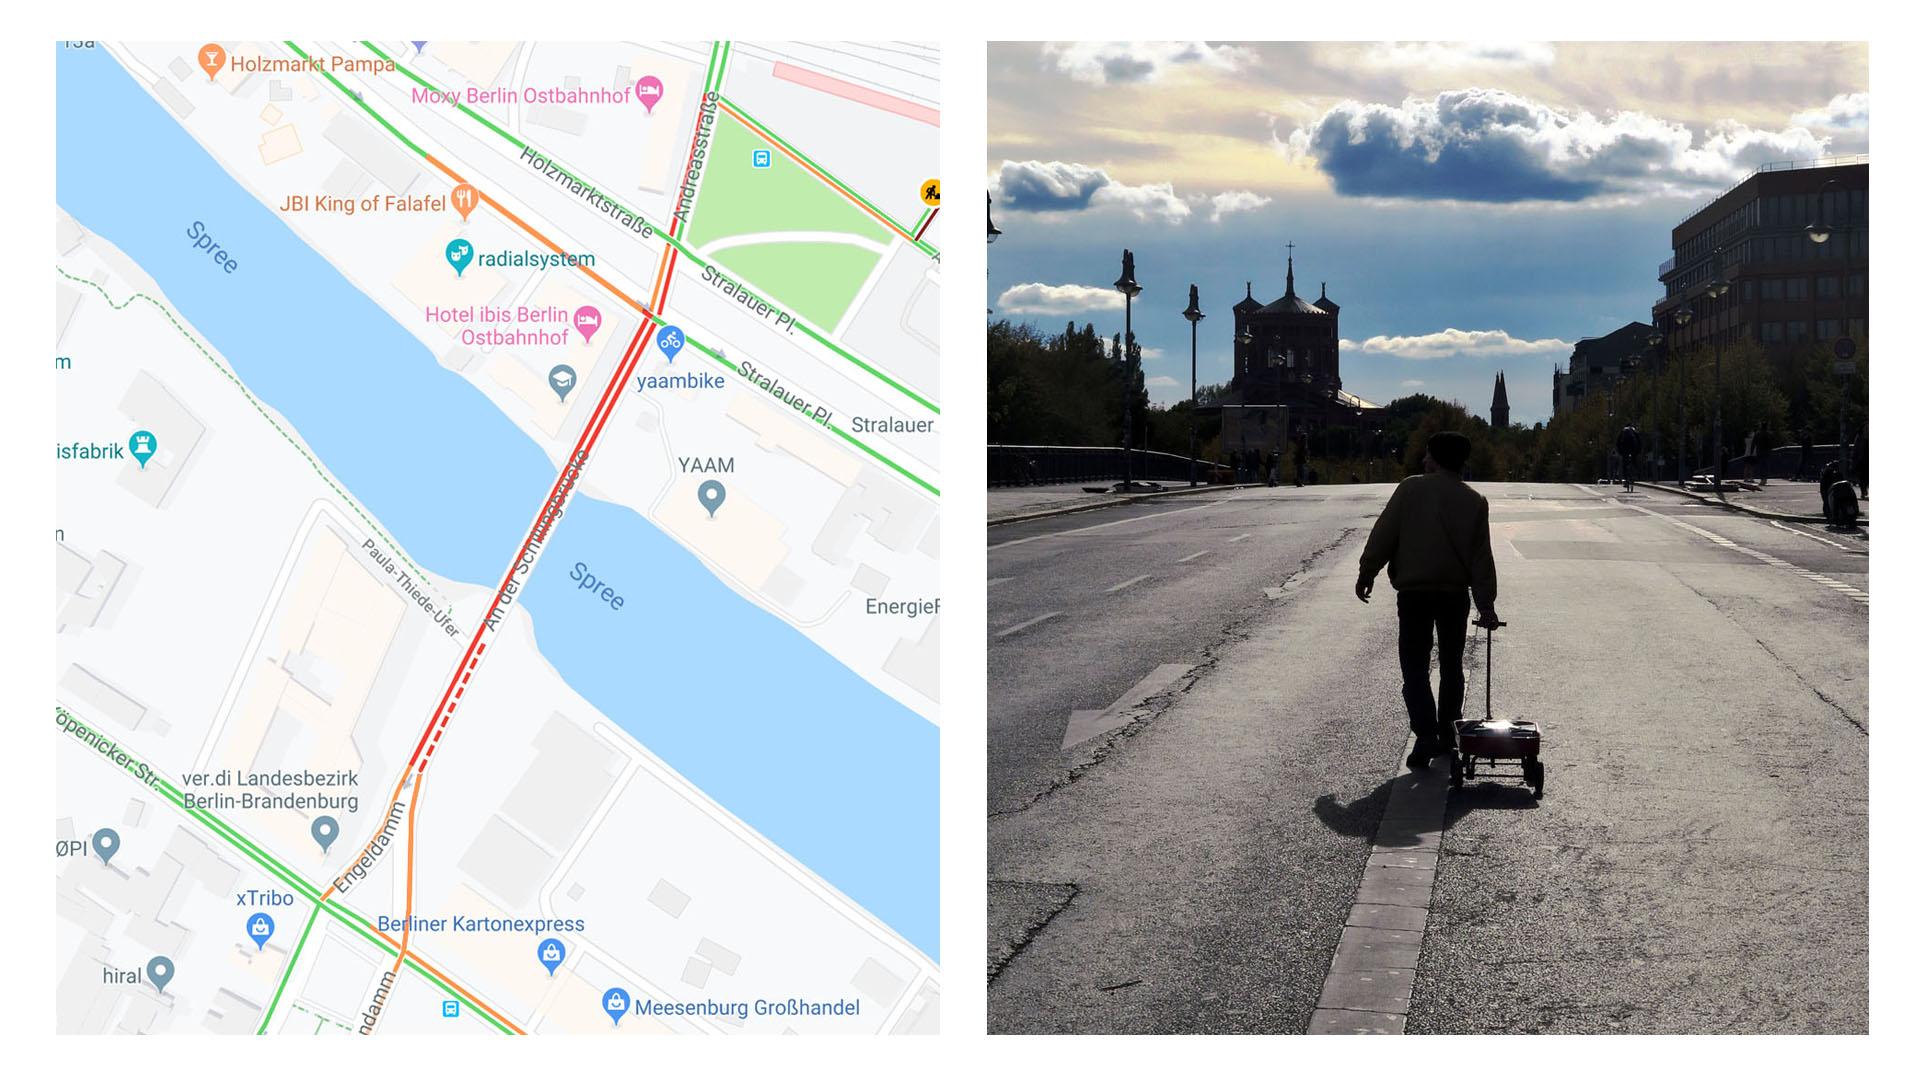 С помощью 99 смартфонов художник-концептуалист создал автомобильную пробку на Google Maps - 1